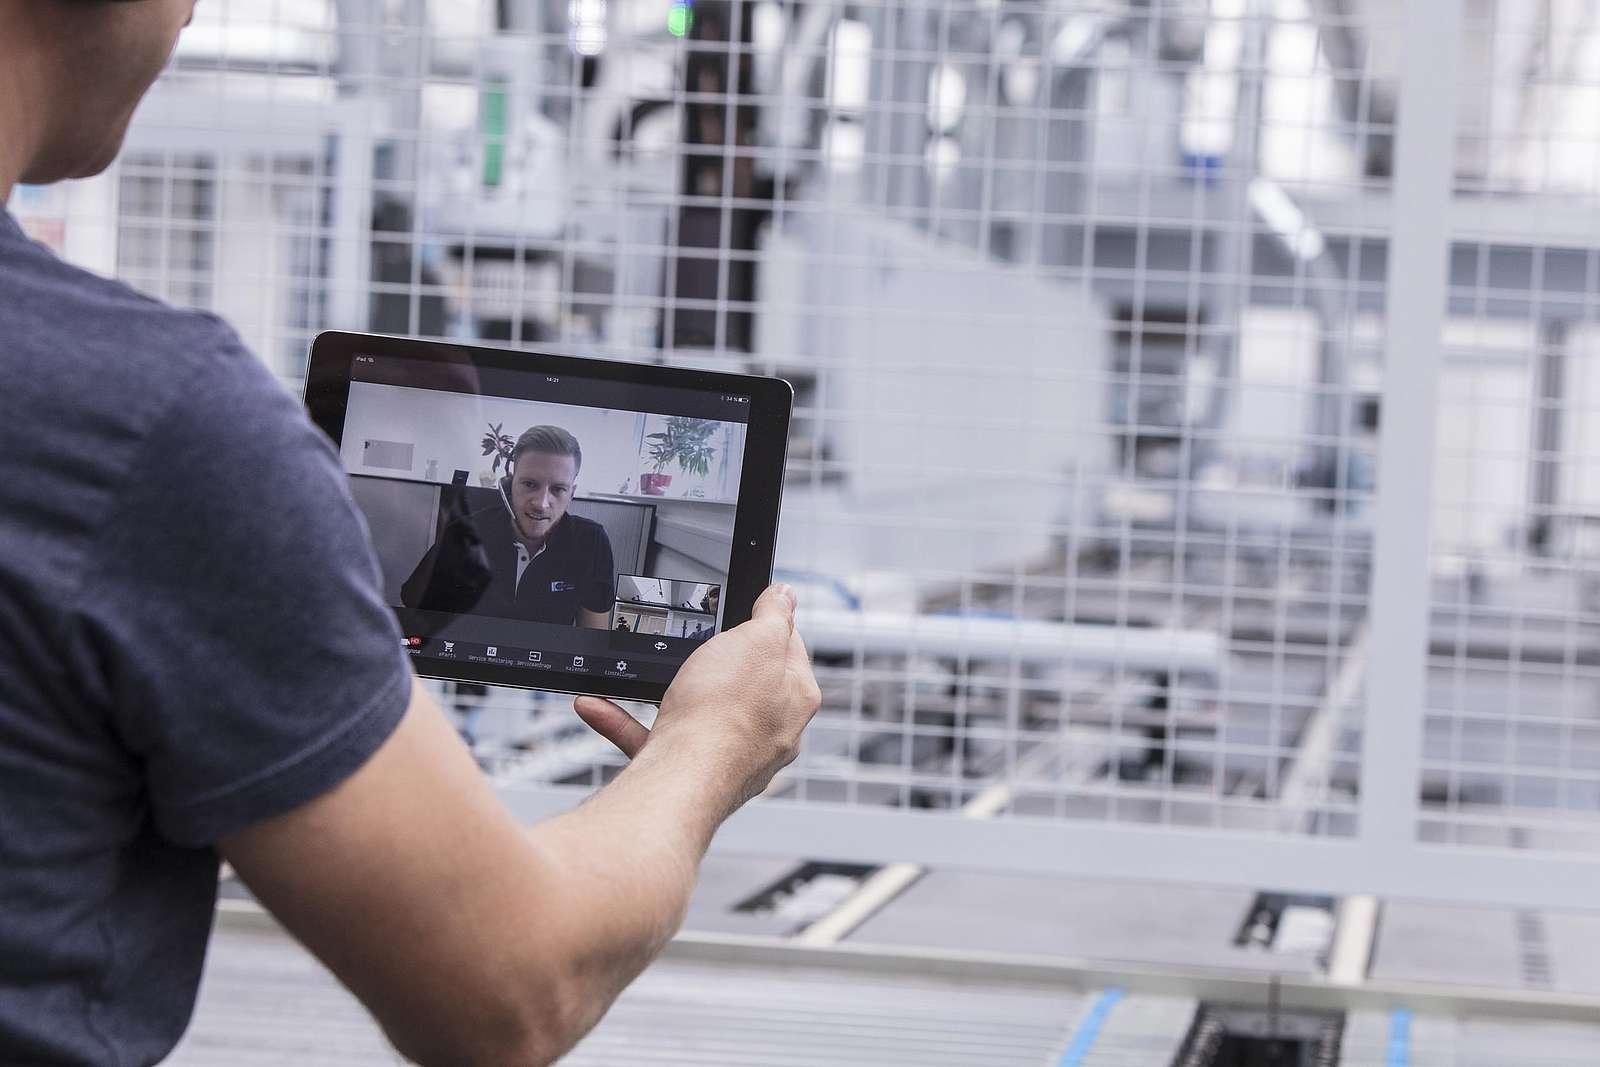 Tapio bietet Möglichkeiten der digitalen Verwaltung und Service von Werkzeugen und Maschine